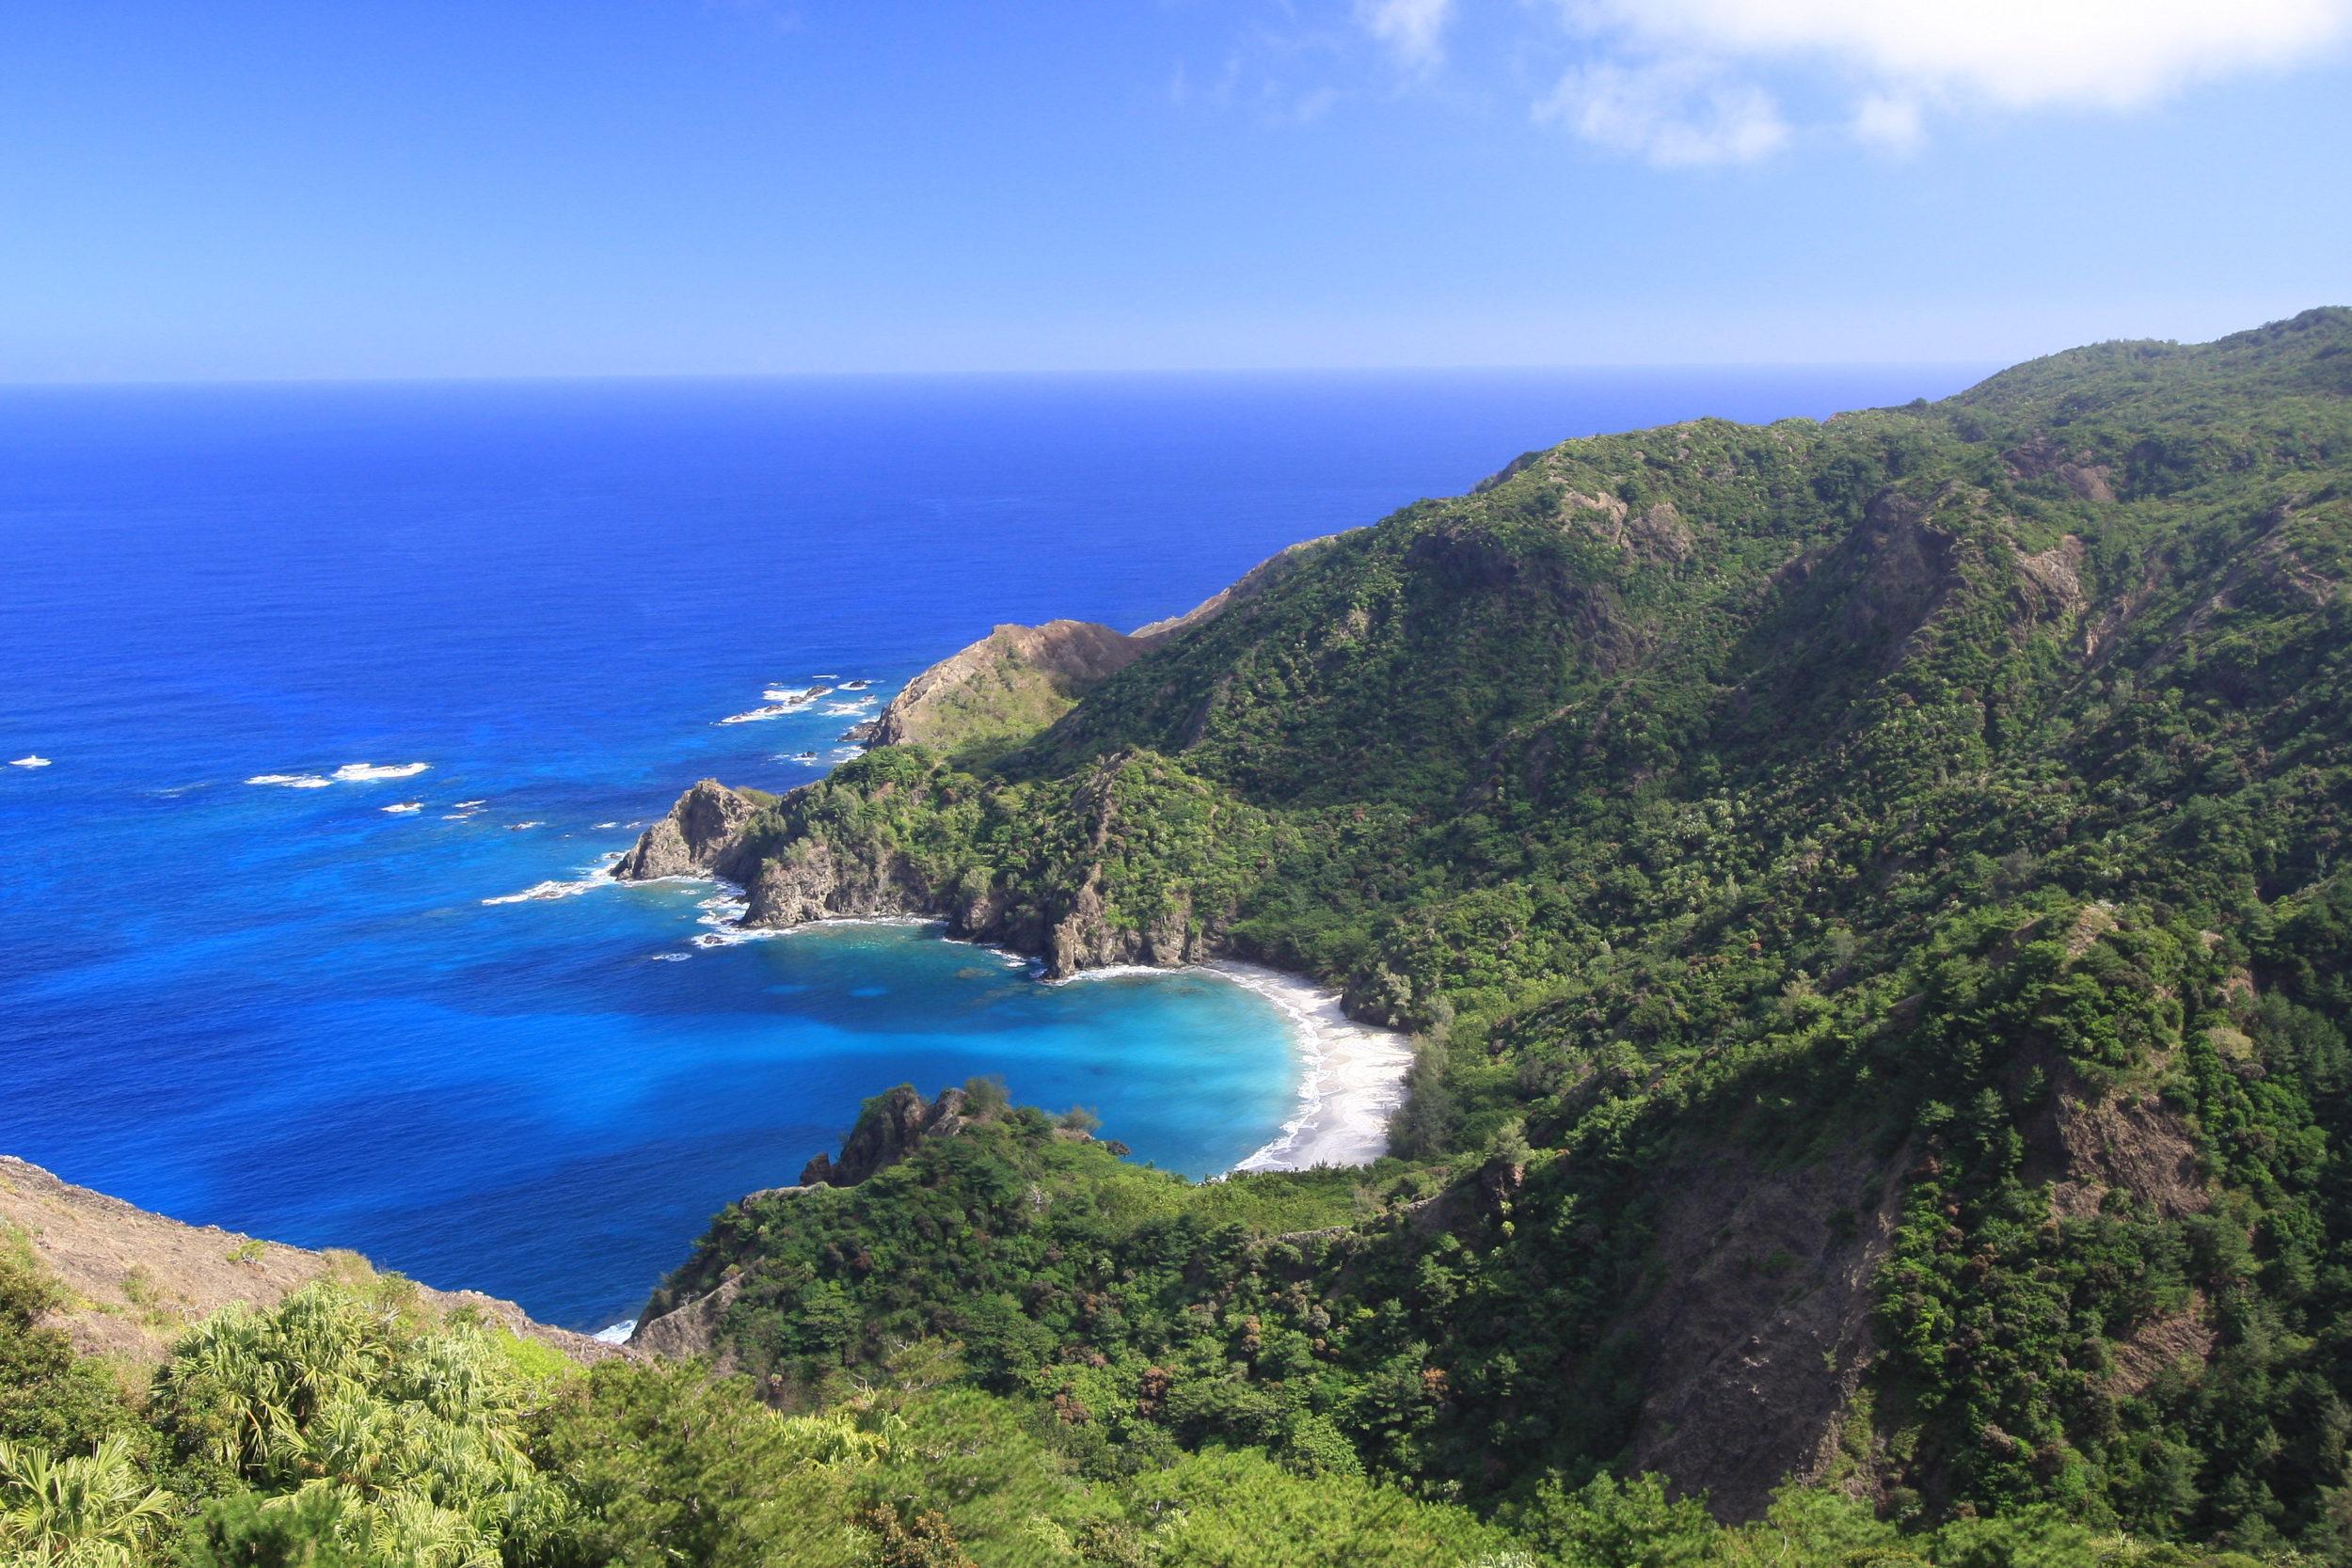 父島を満喫する特別企画<br>夏の小笠原諸島 父島 満喫ハイキング 6日間